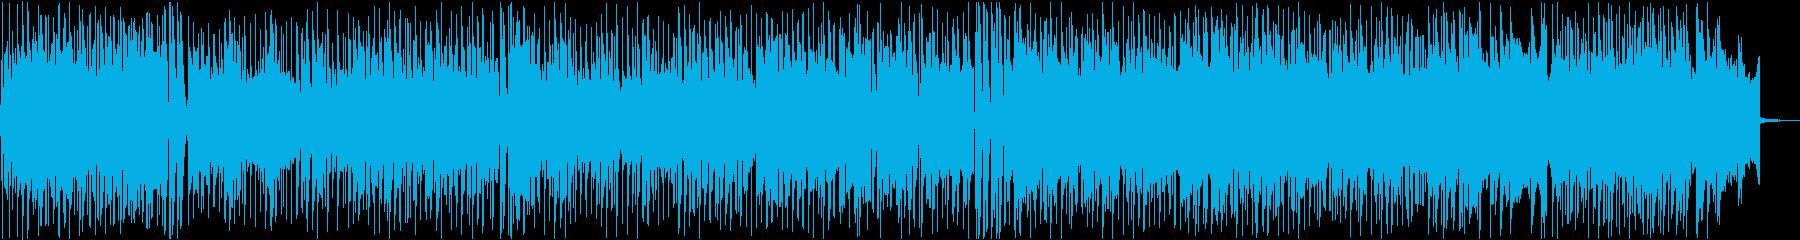 応援・女の子・テーマソング・OP・EDの再生済みの波形